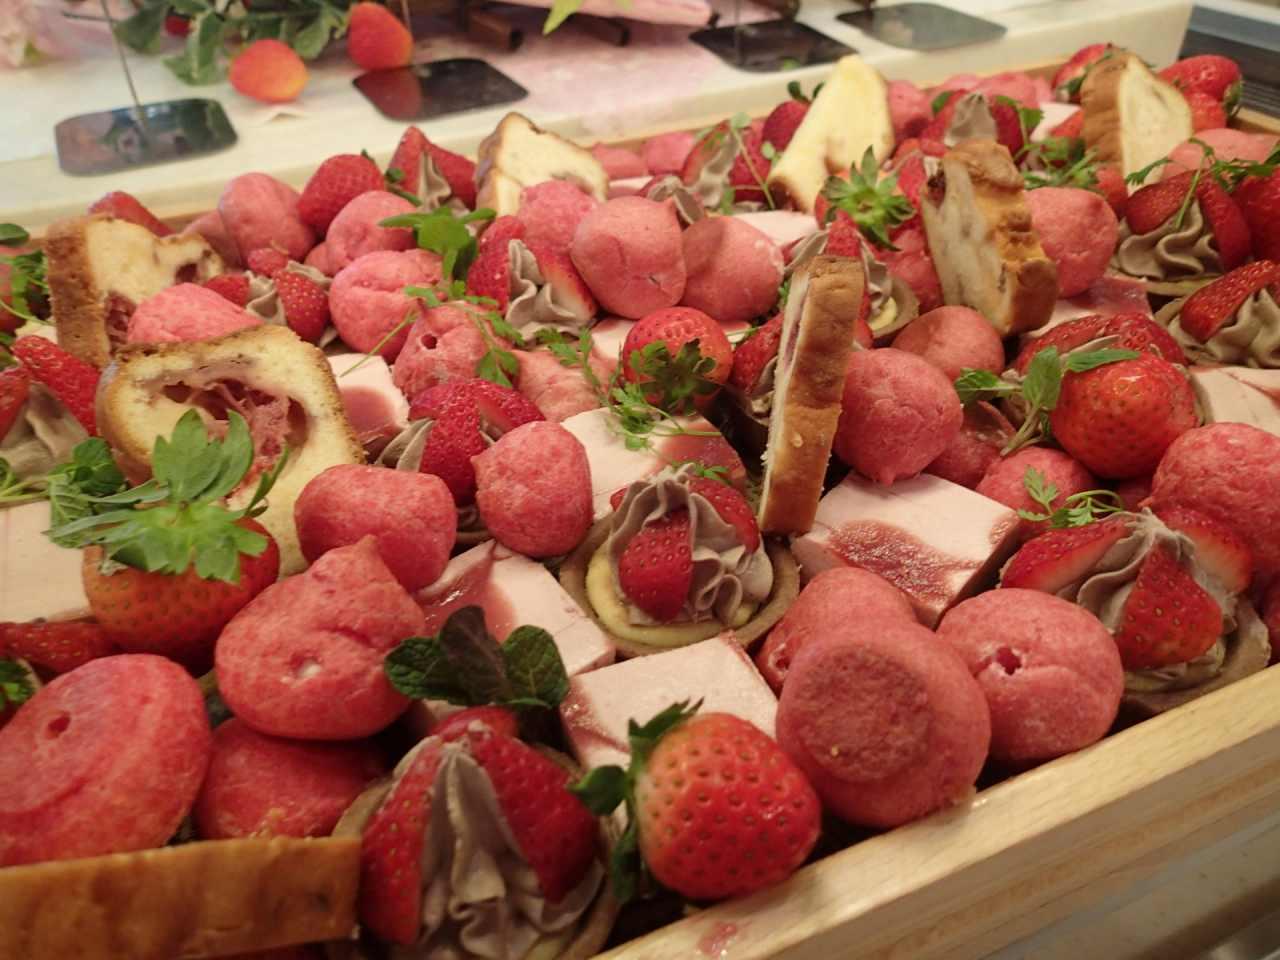 苺のプチシュー、苺ホワイトチョコのバウンドケーキ、苺とチョコクリームのミニチーズタルト、苺のムース